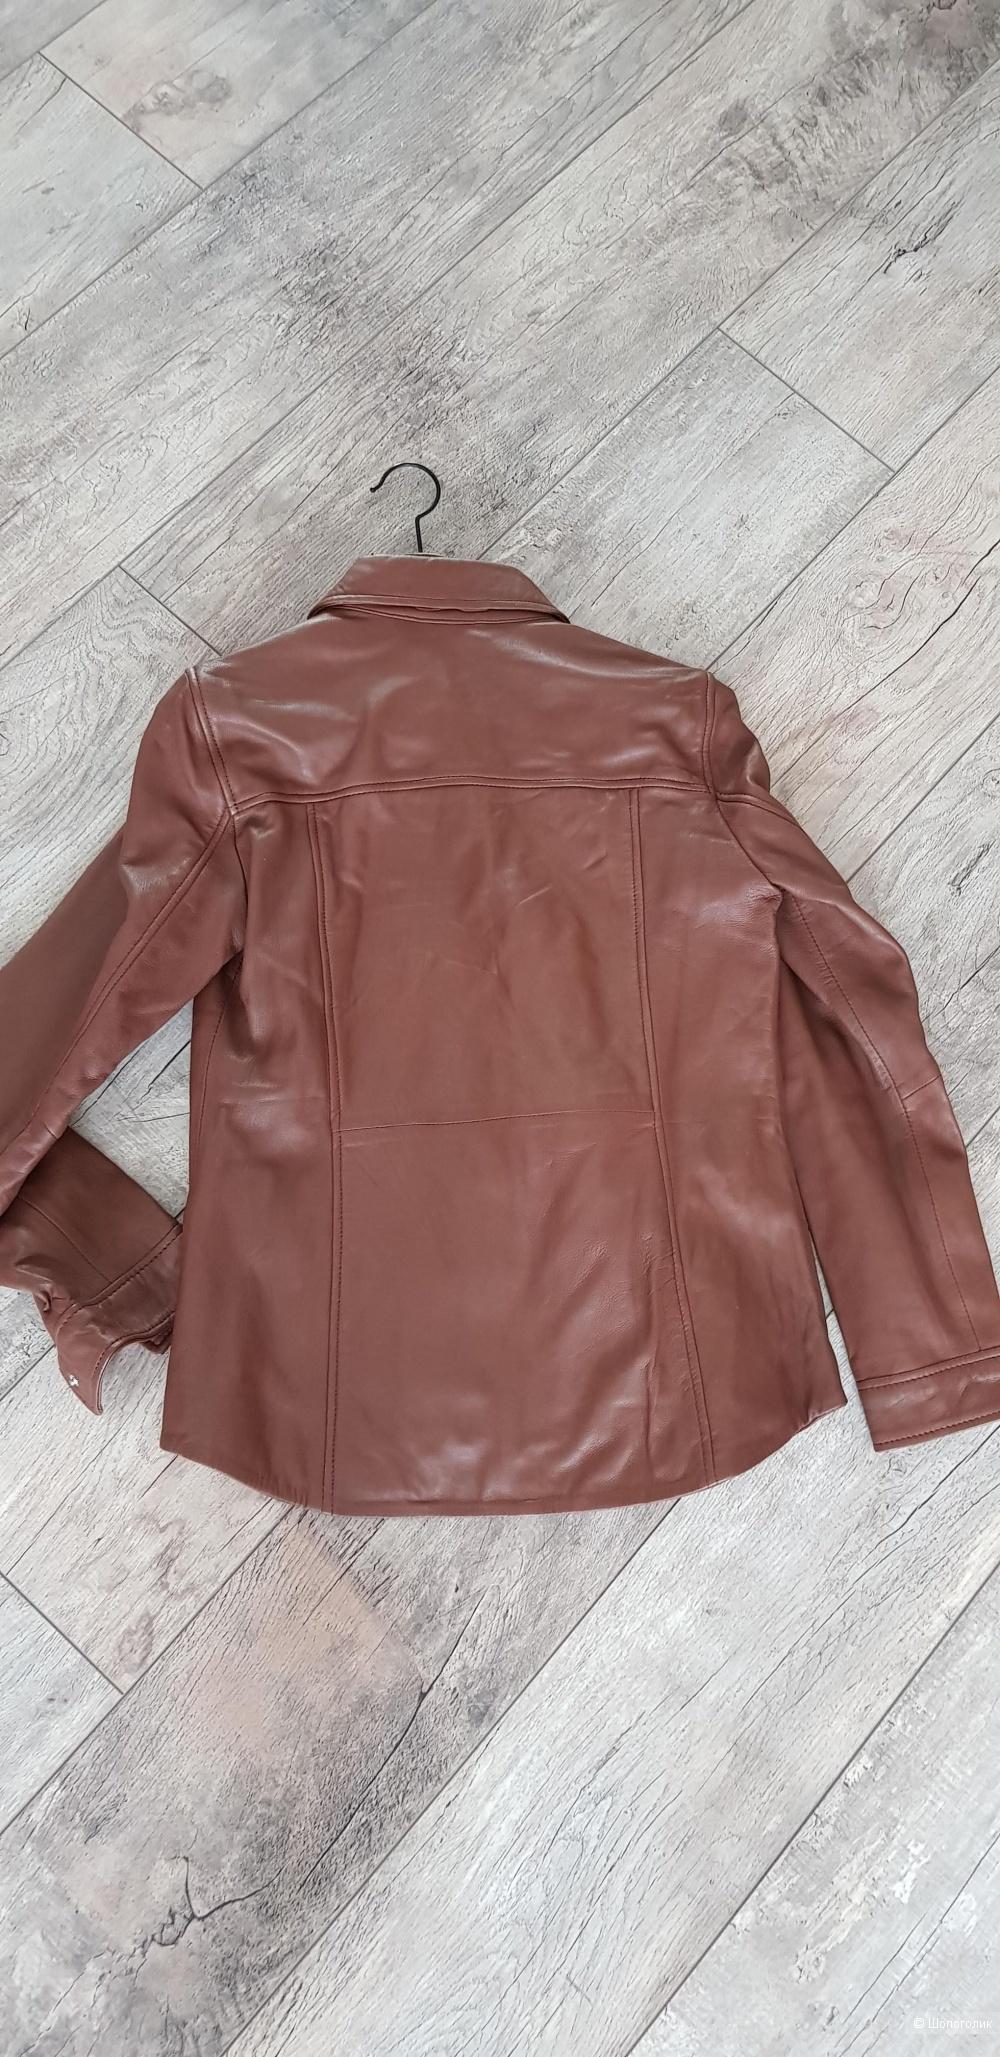 Кожаная куртка-рубашка Mango, р. М